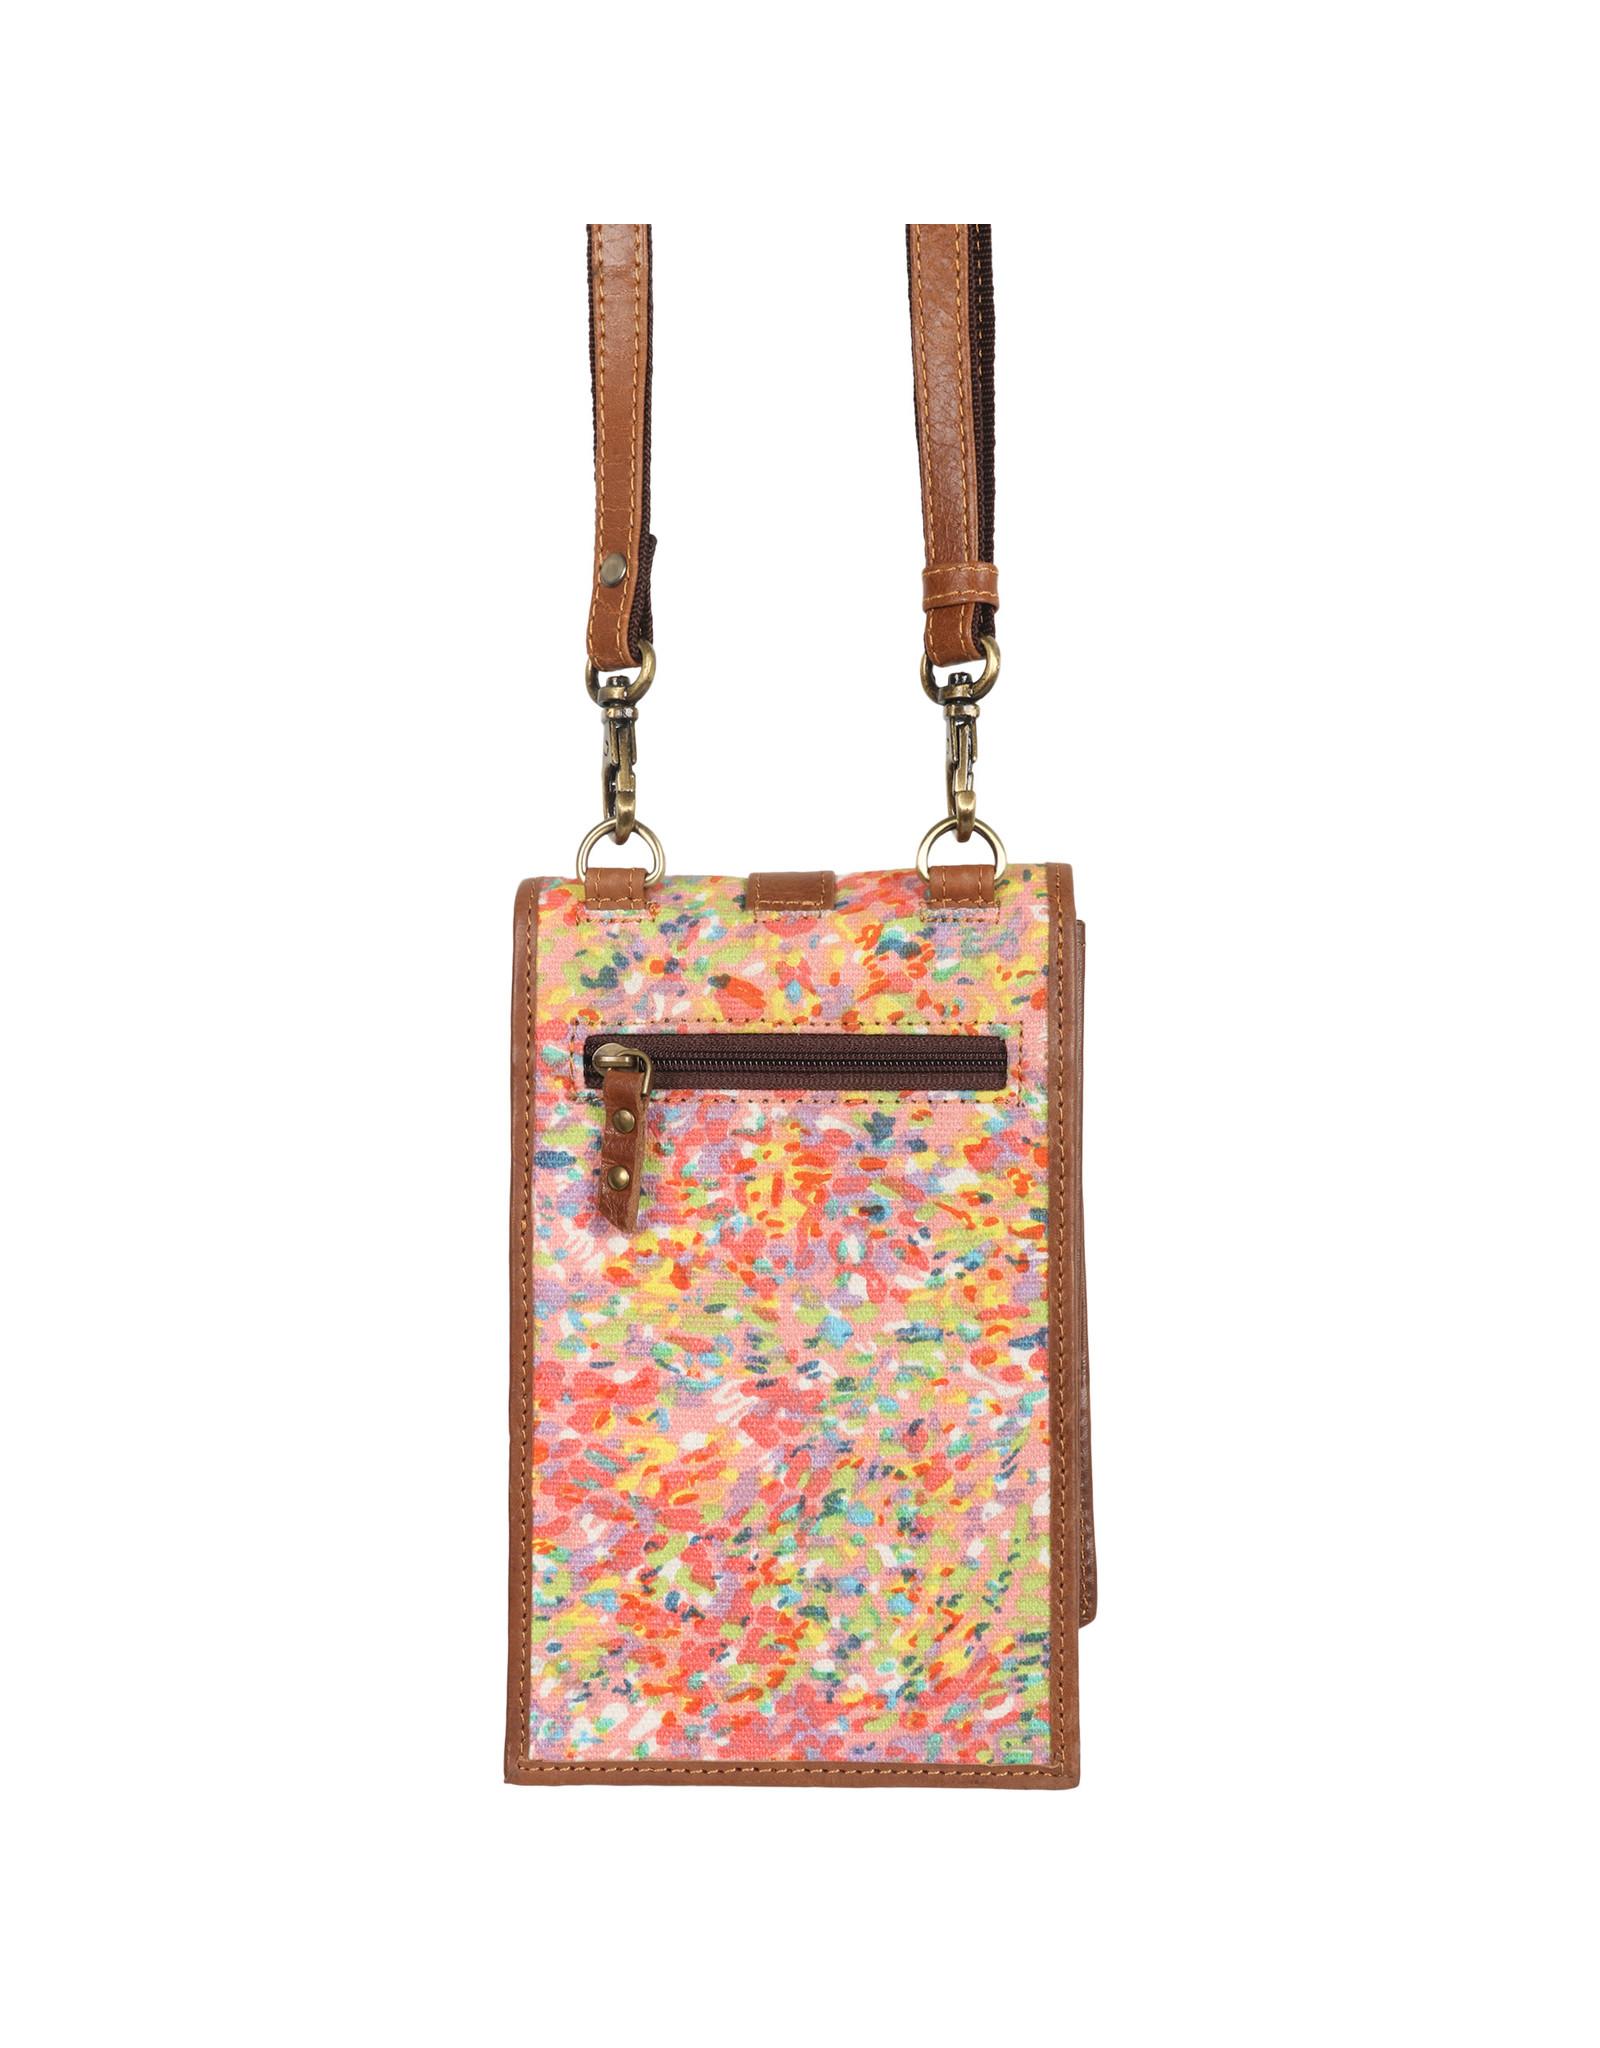 Vann & Co S2V-207 RFID Mobile Wallet Crossbody Bag